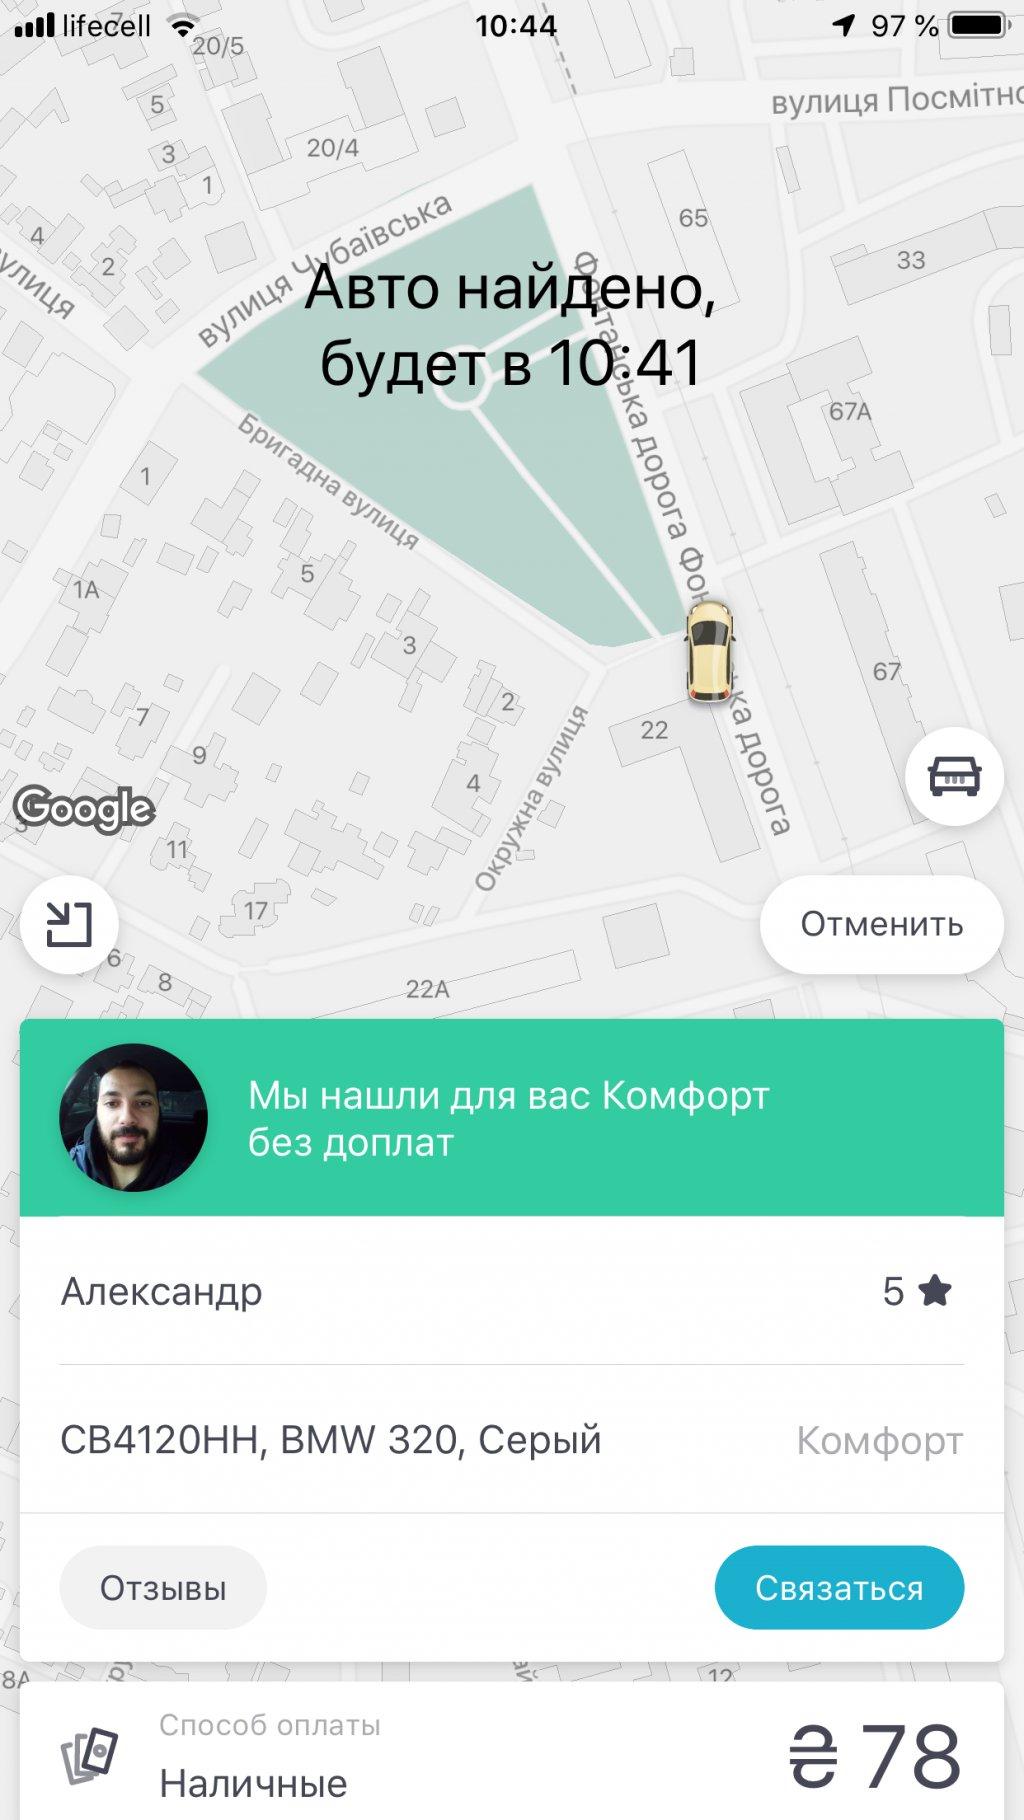 Uklon.ua (заказ такси) - Водитель не приехал спустя 20 минут